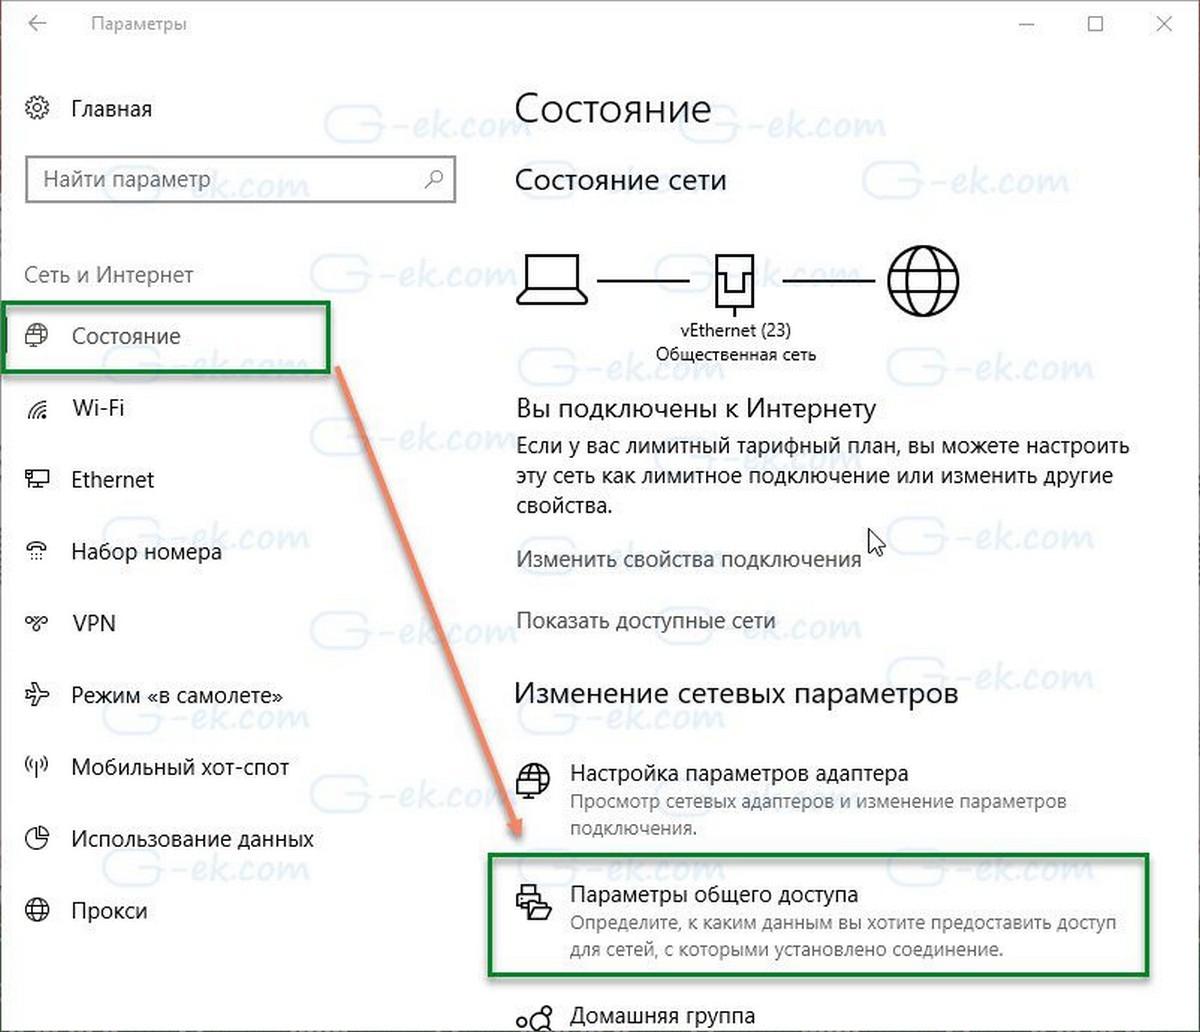 Как отключить парольную защиту в windows 10